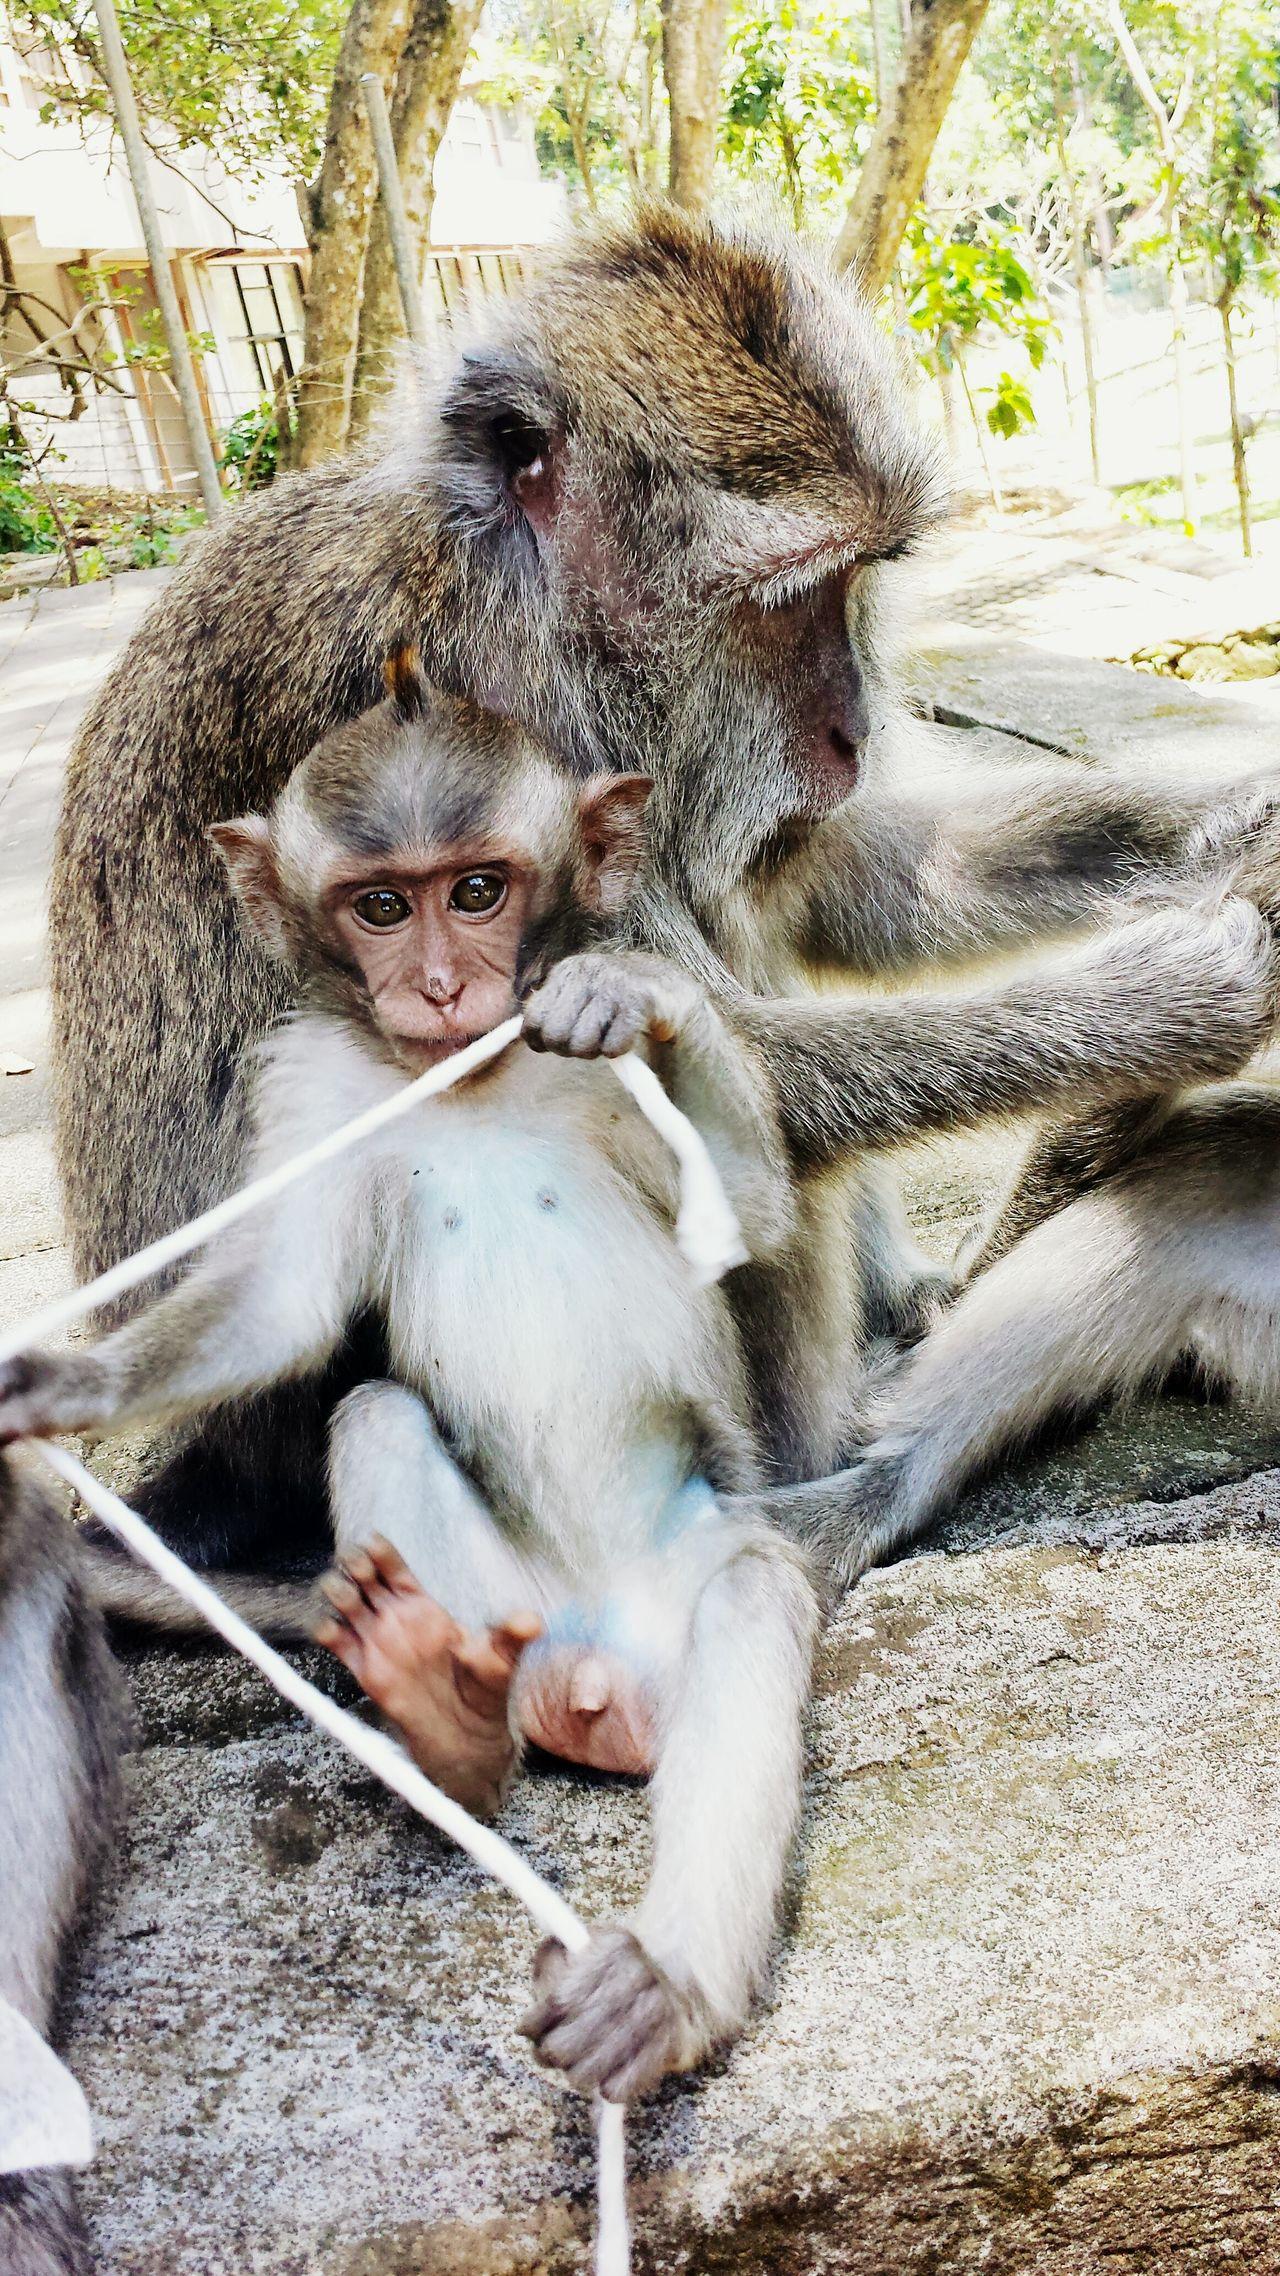 Bali, Indonesia Monkeys Monkey Forest Ubud Animal Travelphotography Wildlife & Nature Affen Monkey Ape Affe Bali Tier Animals Animals In The Wild Monkey Family Baby Monkey Monkey Playing Affenbaby